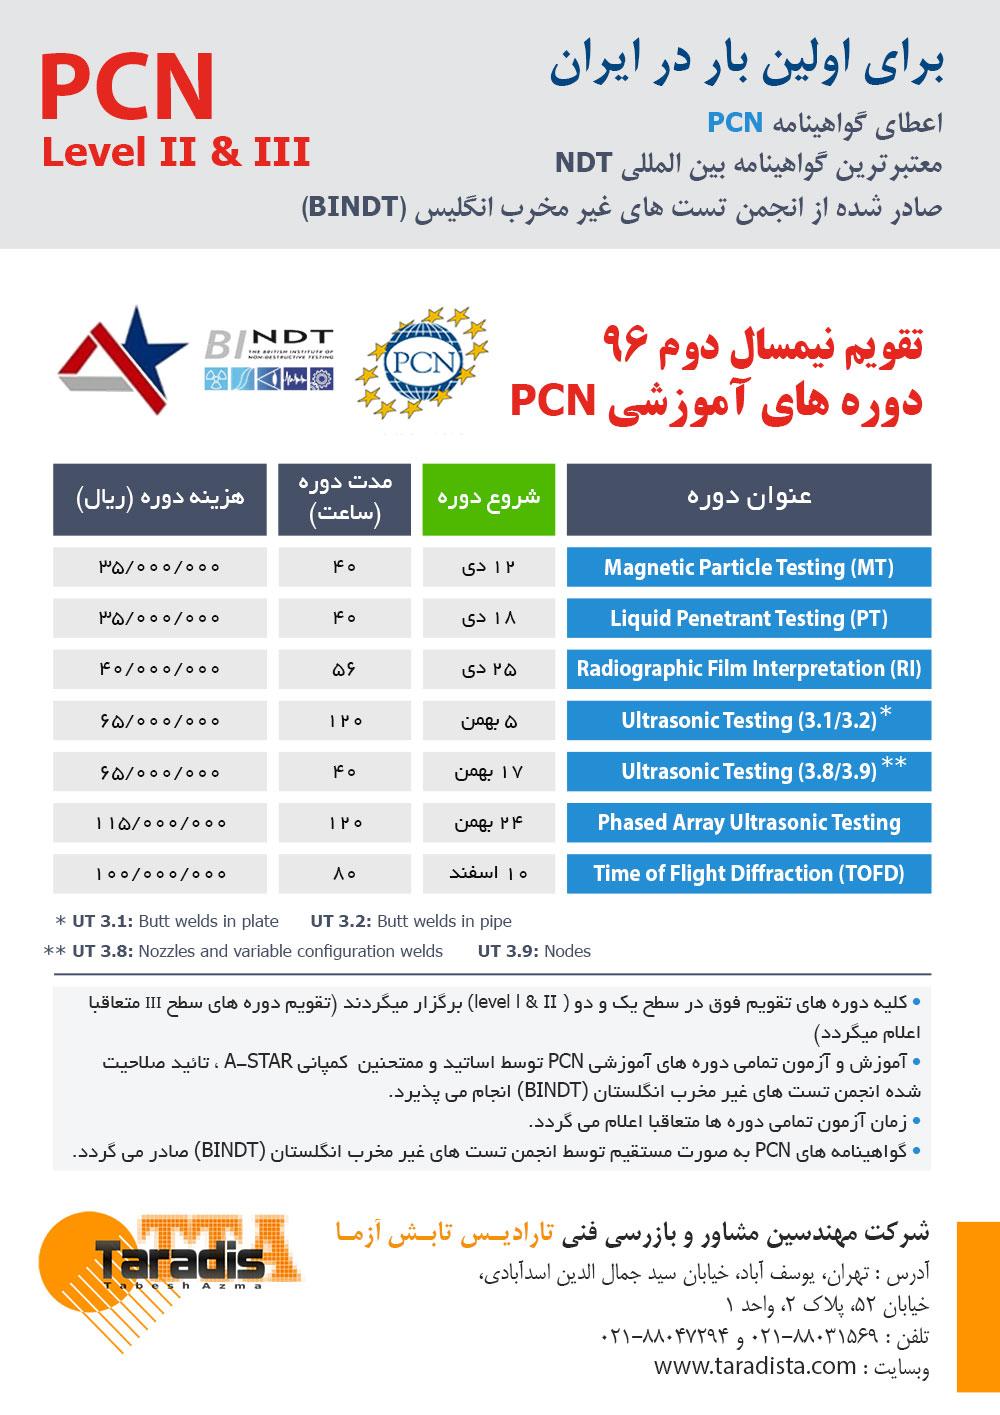 http://s8.picofile.com/file/8312951318/%D8%AA%D9%82%D9%88%DB%8C%D9%85_%D8%AF%D9%88%D8%B1%D9%87_%D9%87%D8%A7%DB%8C_PCN_1.jpg